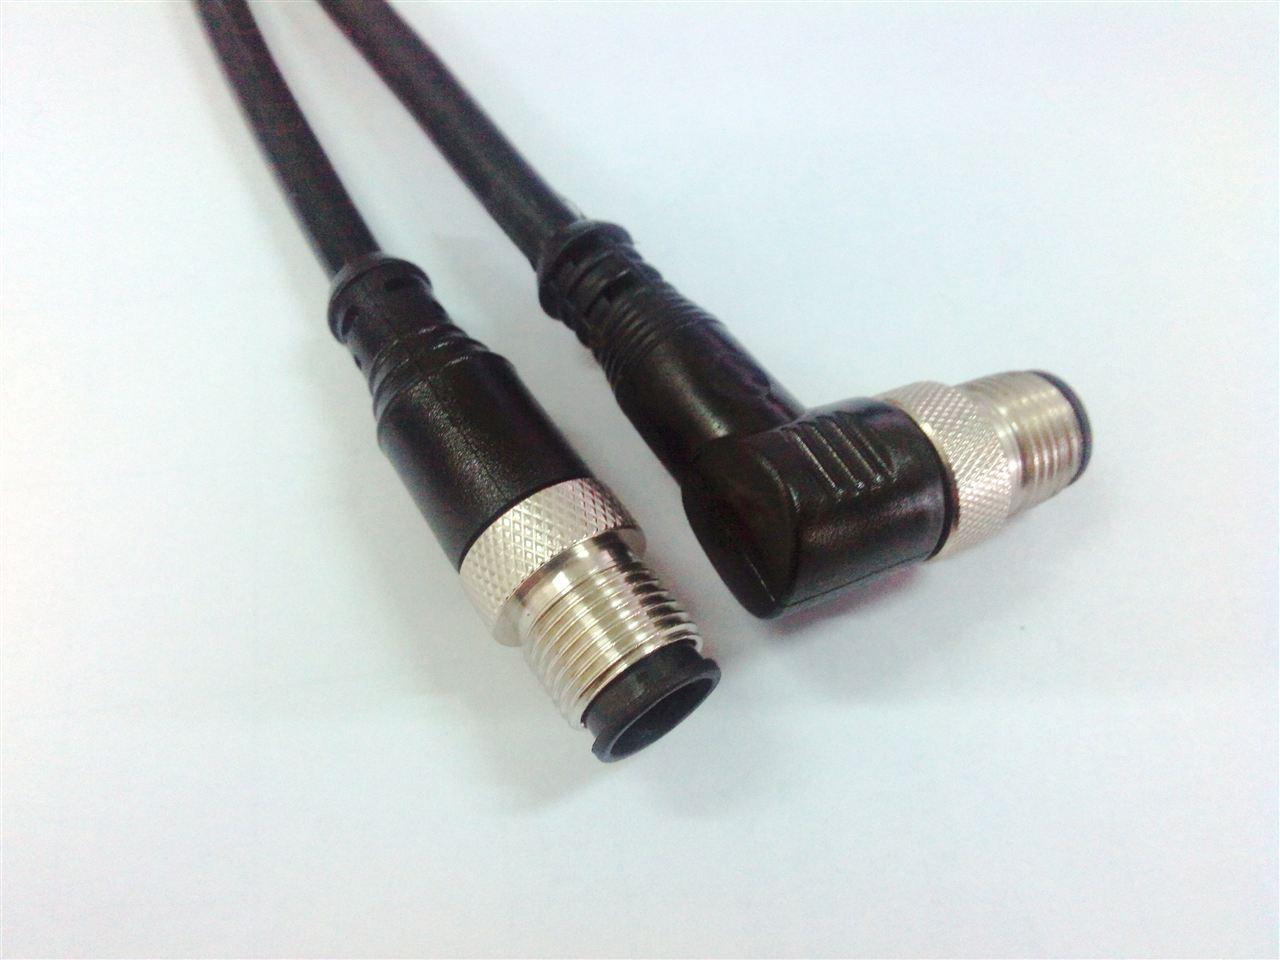 带NMEA2000连接器产品名称:M12型传感器防水连接器,现场自接电缆型,针型孔型,直头弯头(不带电缆)